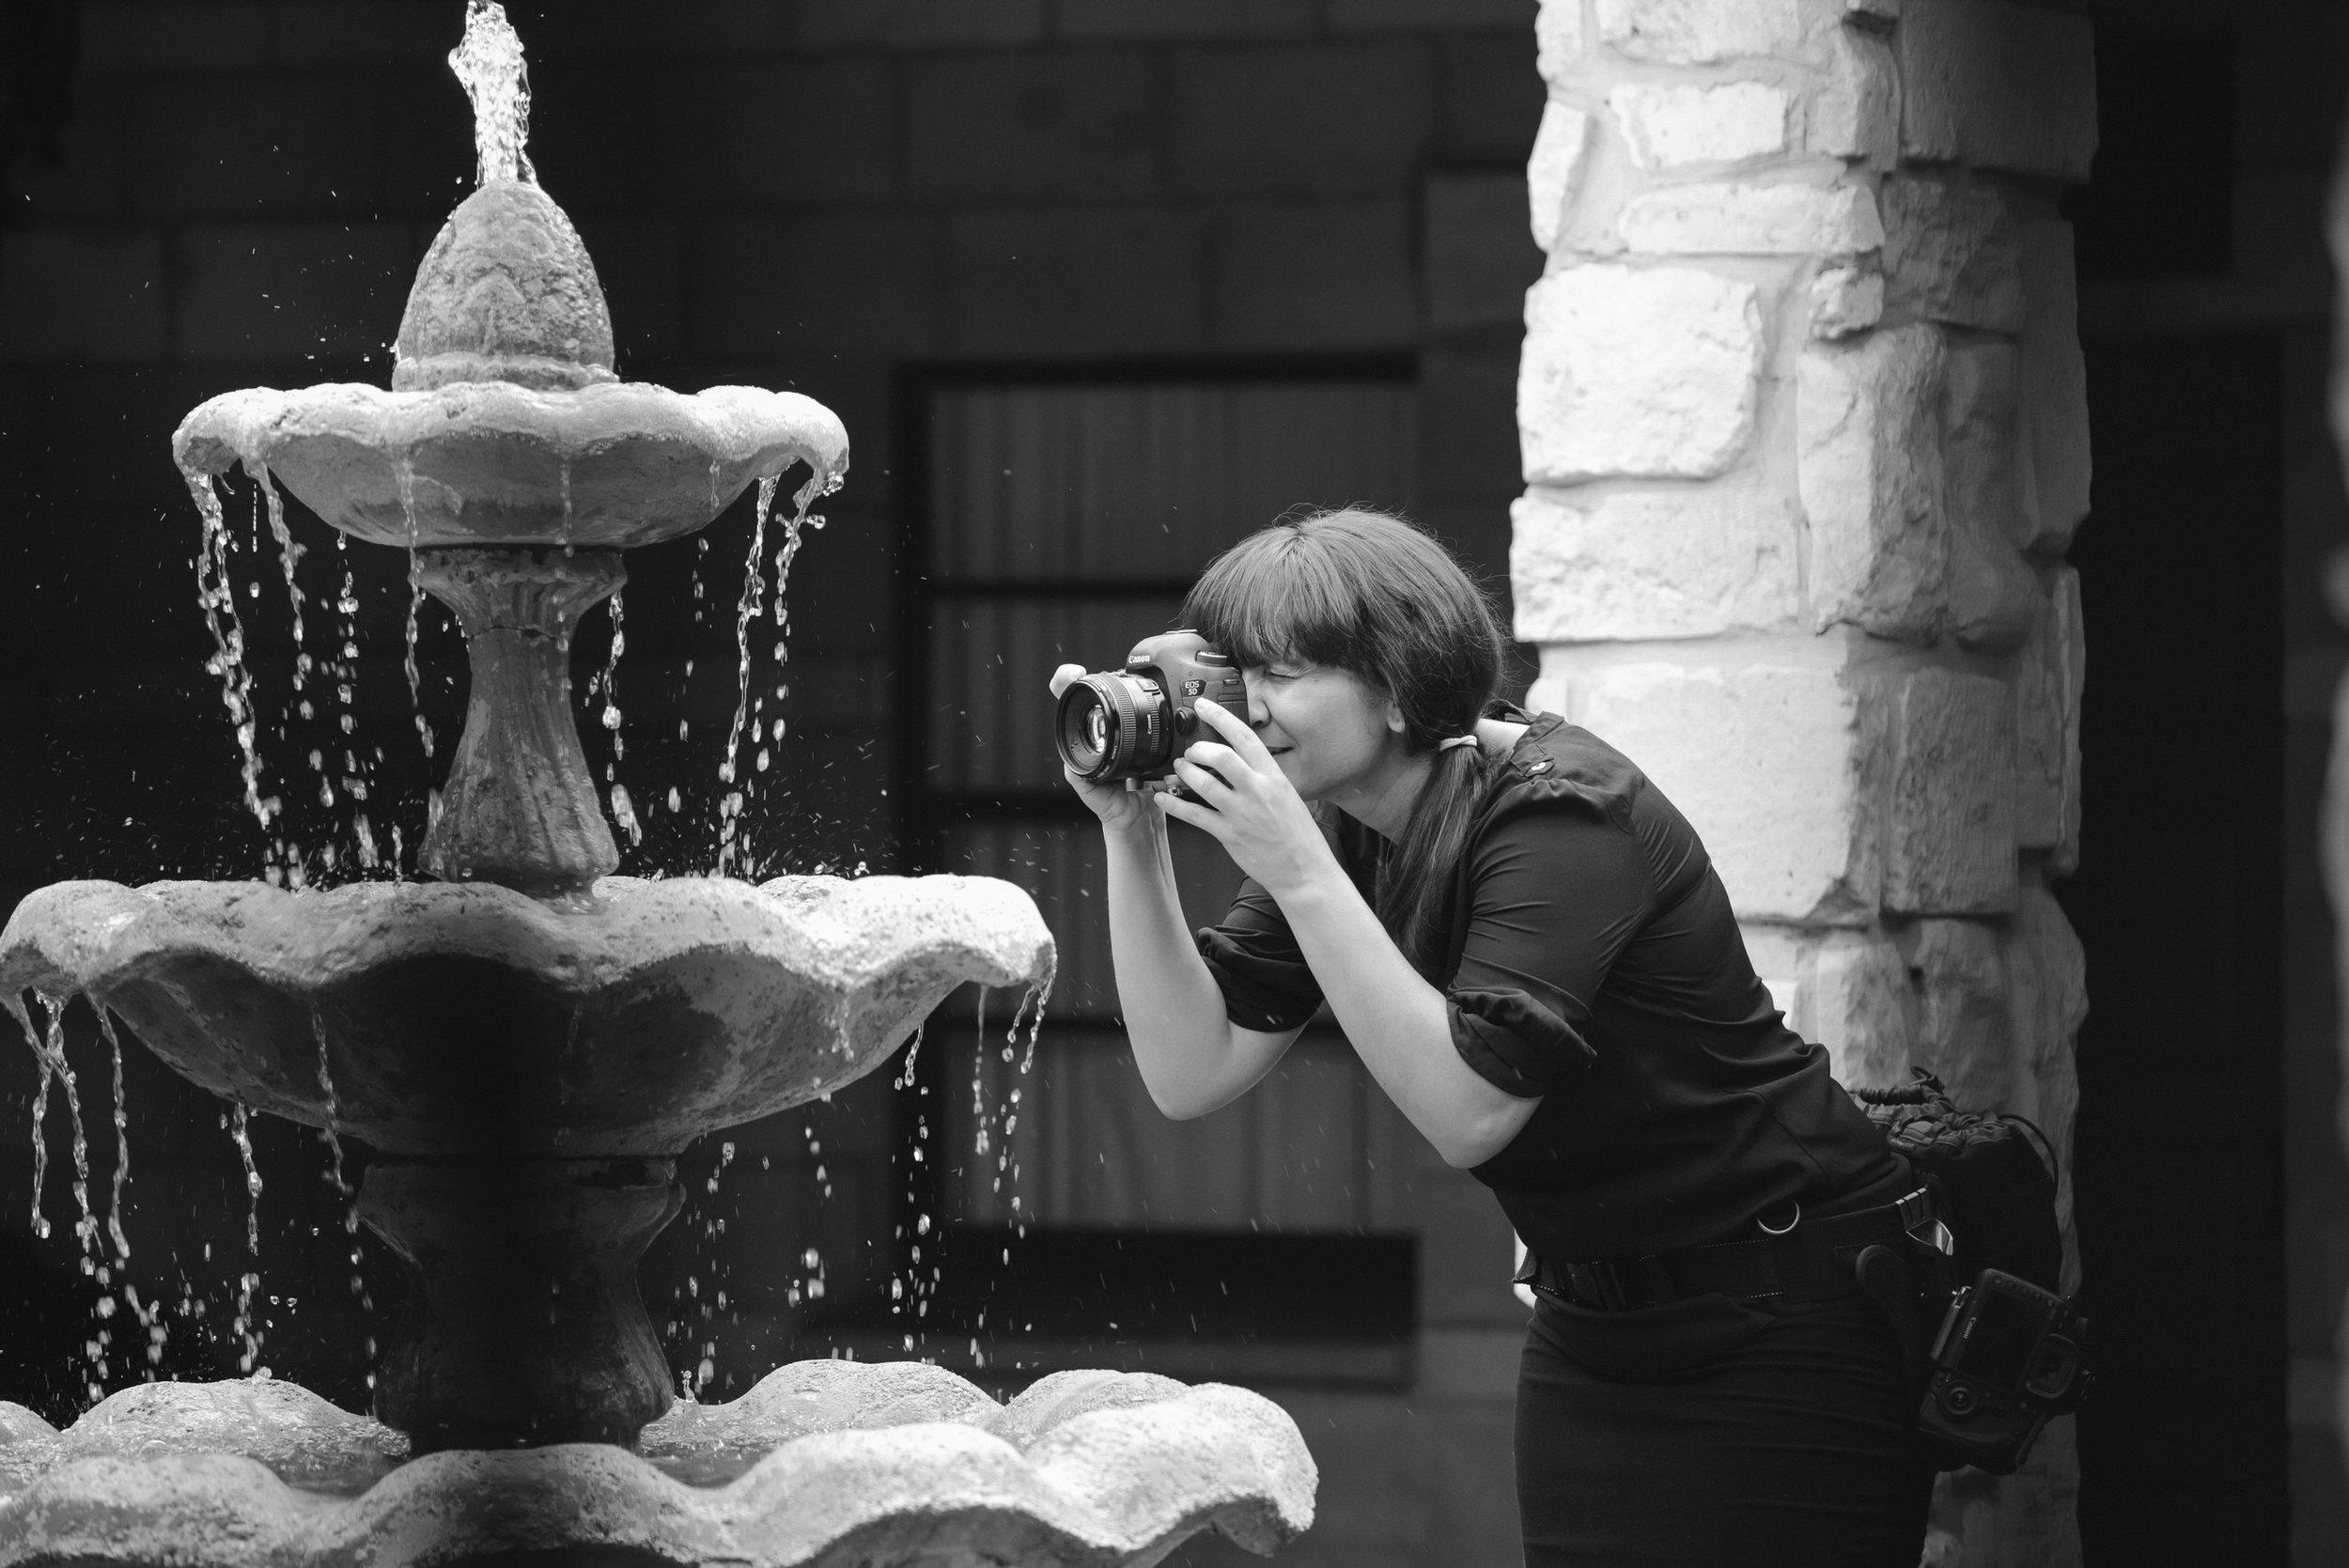 creative-wedding-photographer-destination-tiny-house-photo-stephanie-lynn-studios.jpg